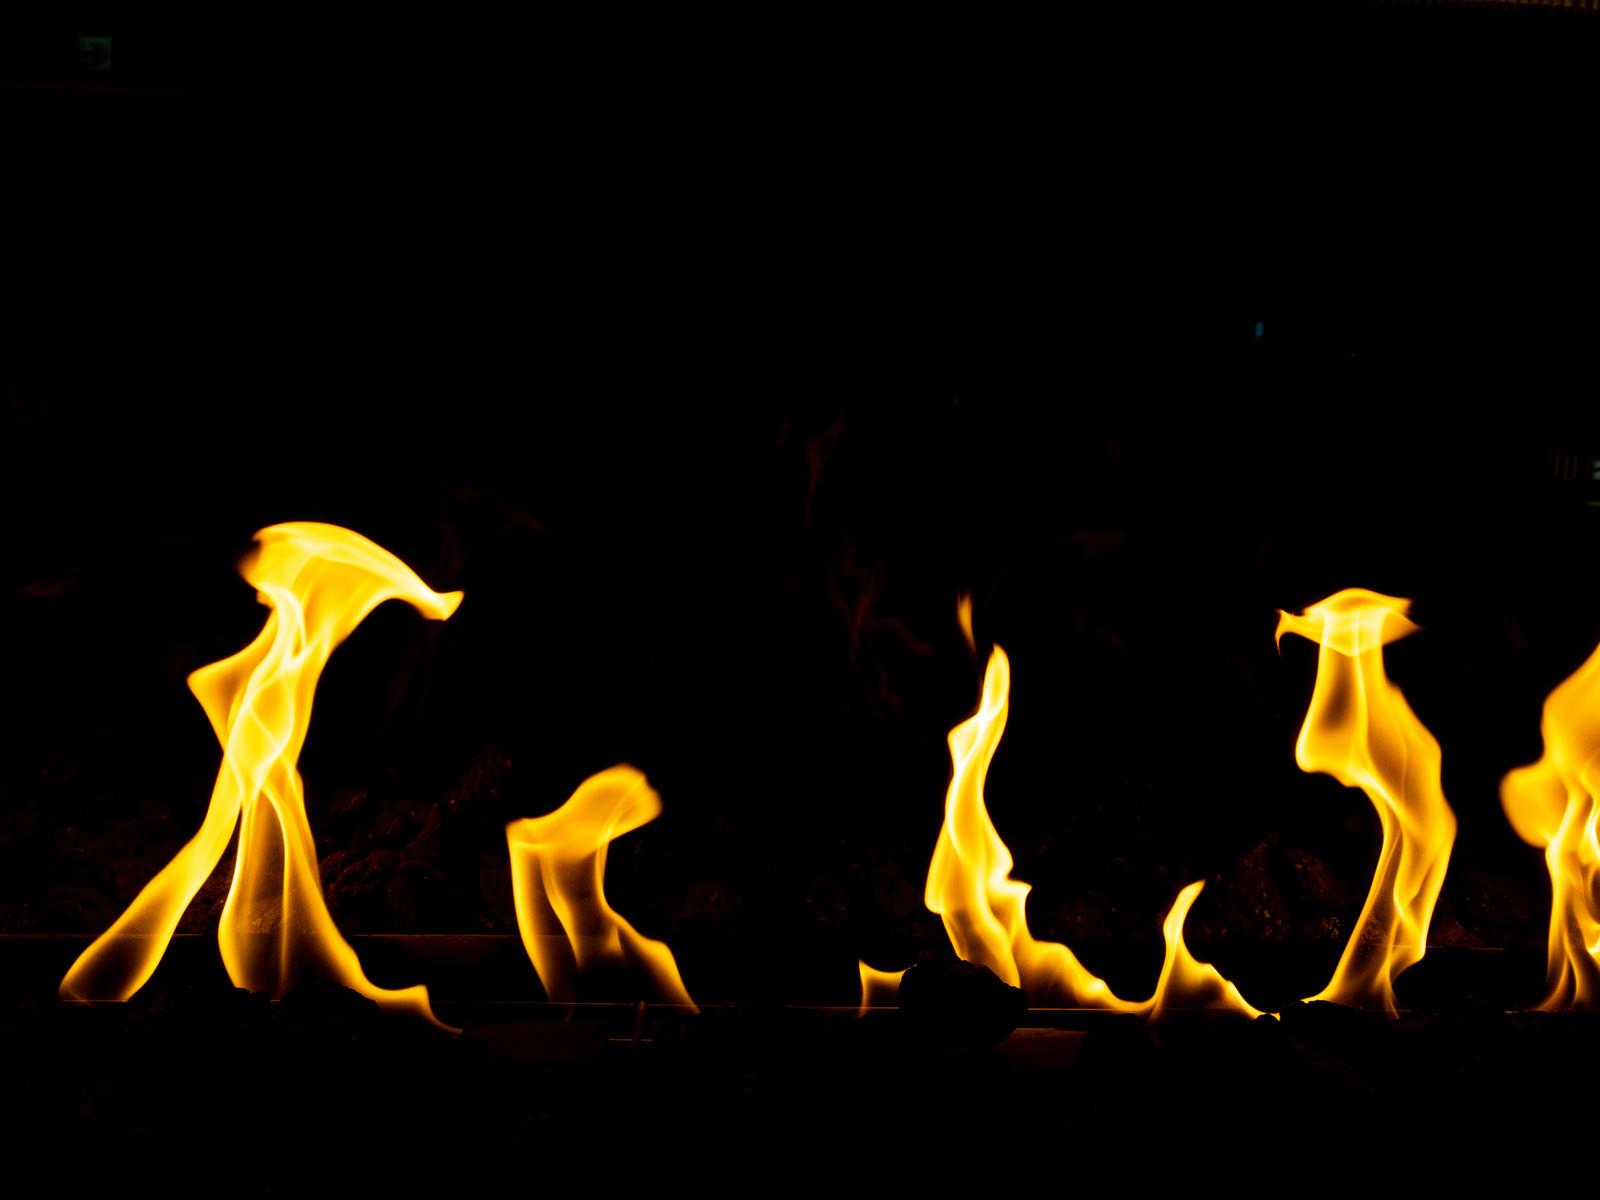 「燃え上がる暖炉内の炎」の写真